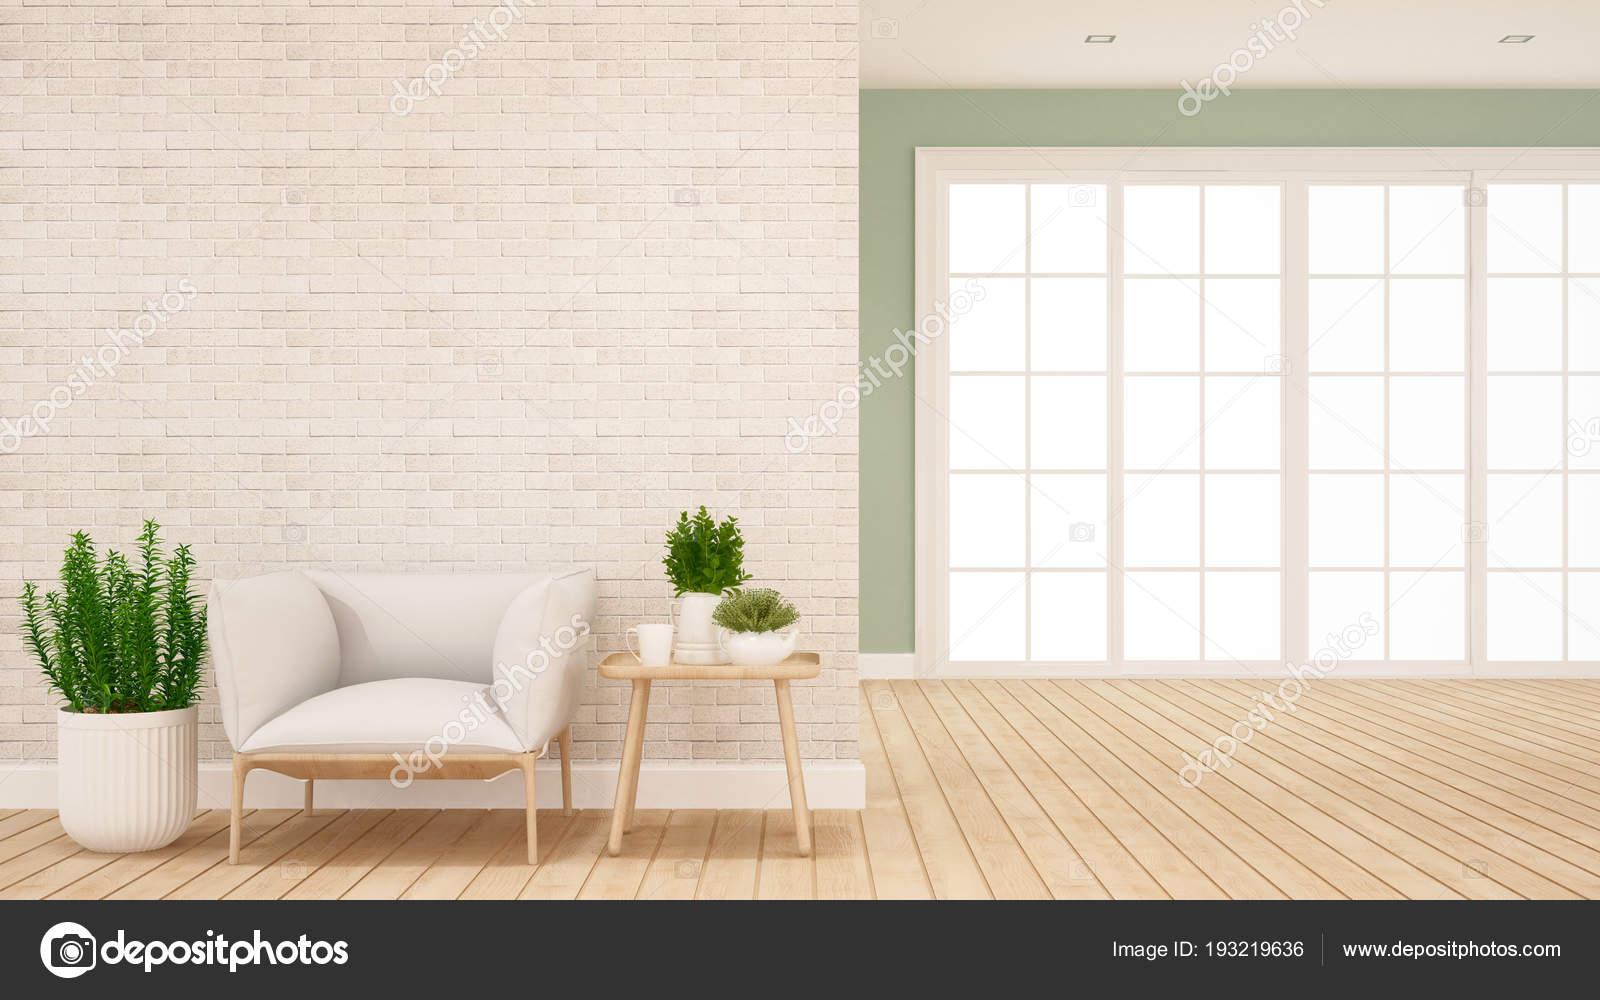 Wohnbereich und Halle in Wohnung oder Haus - Interior Design für ...